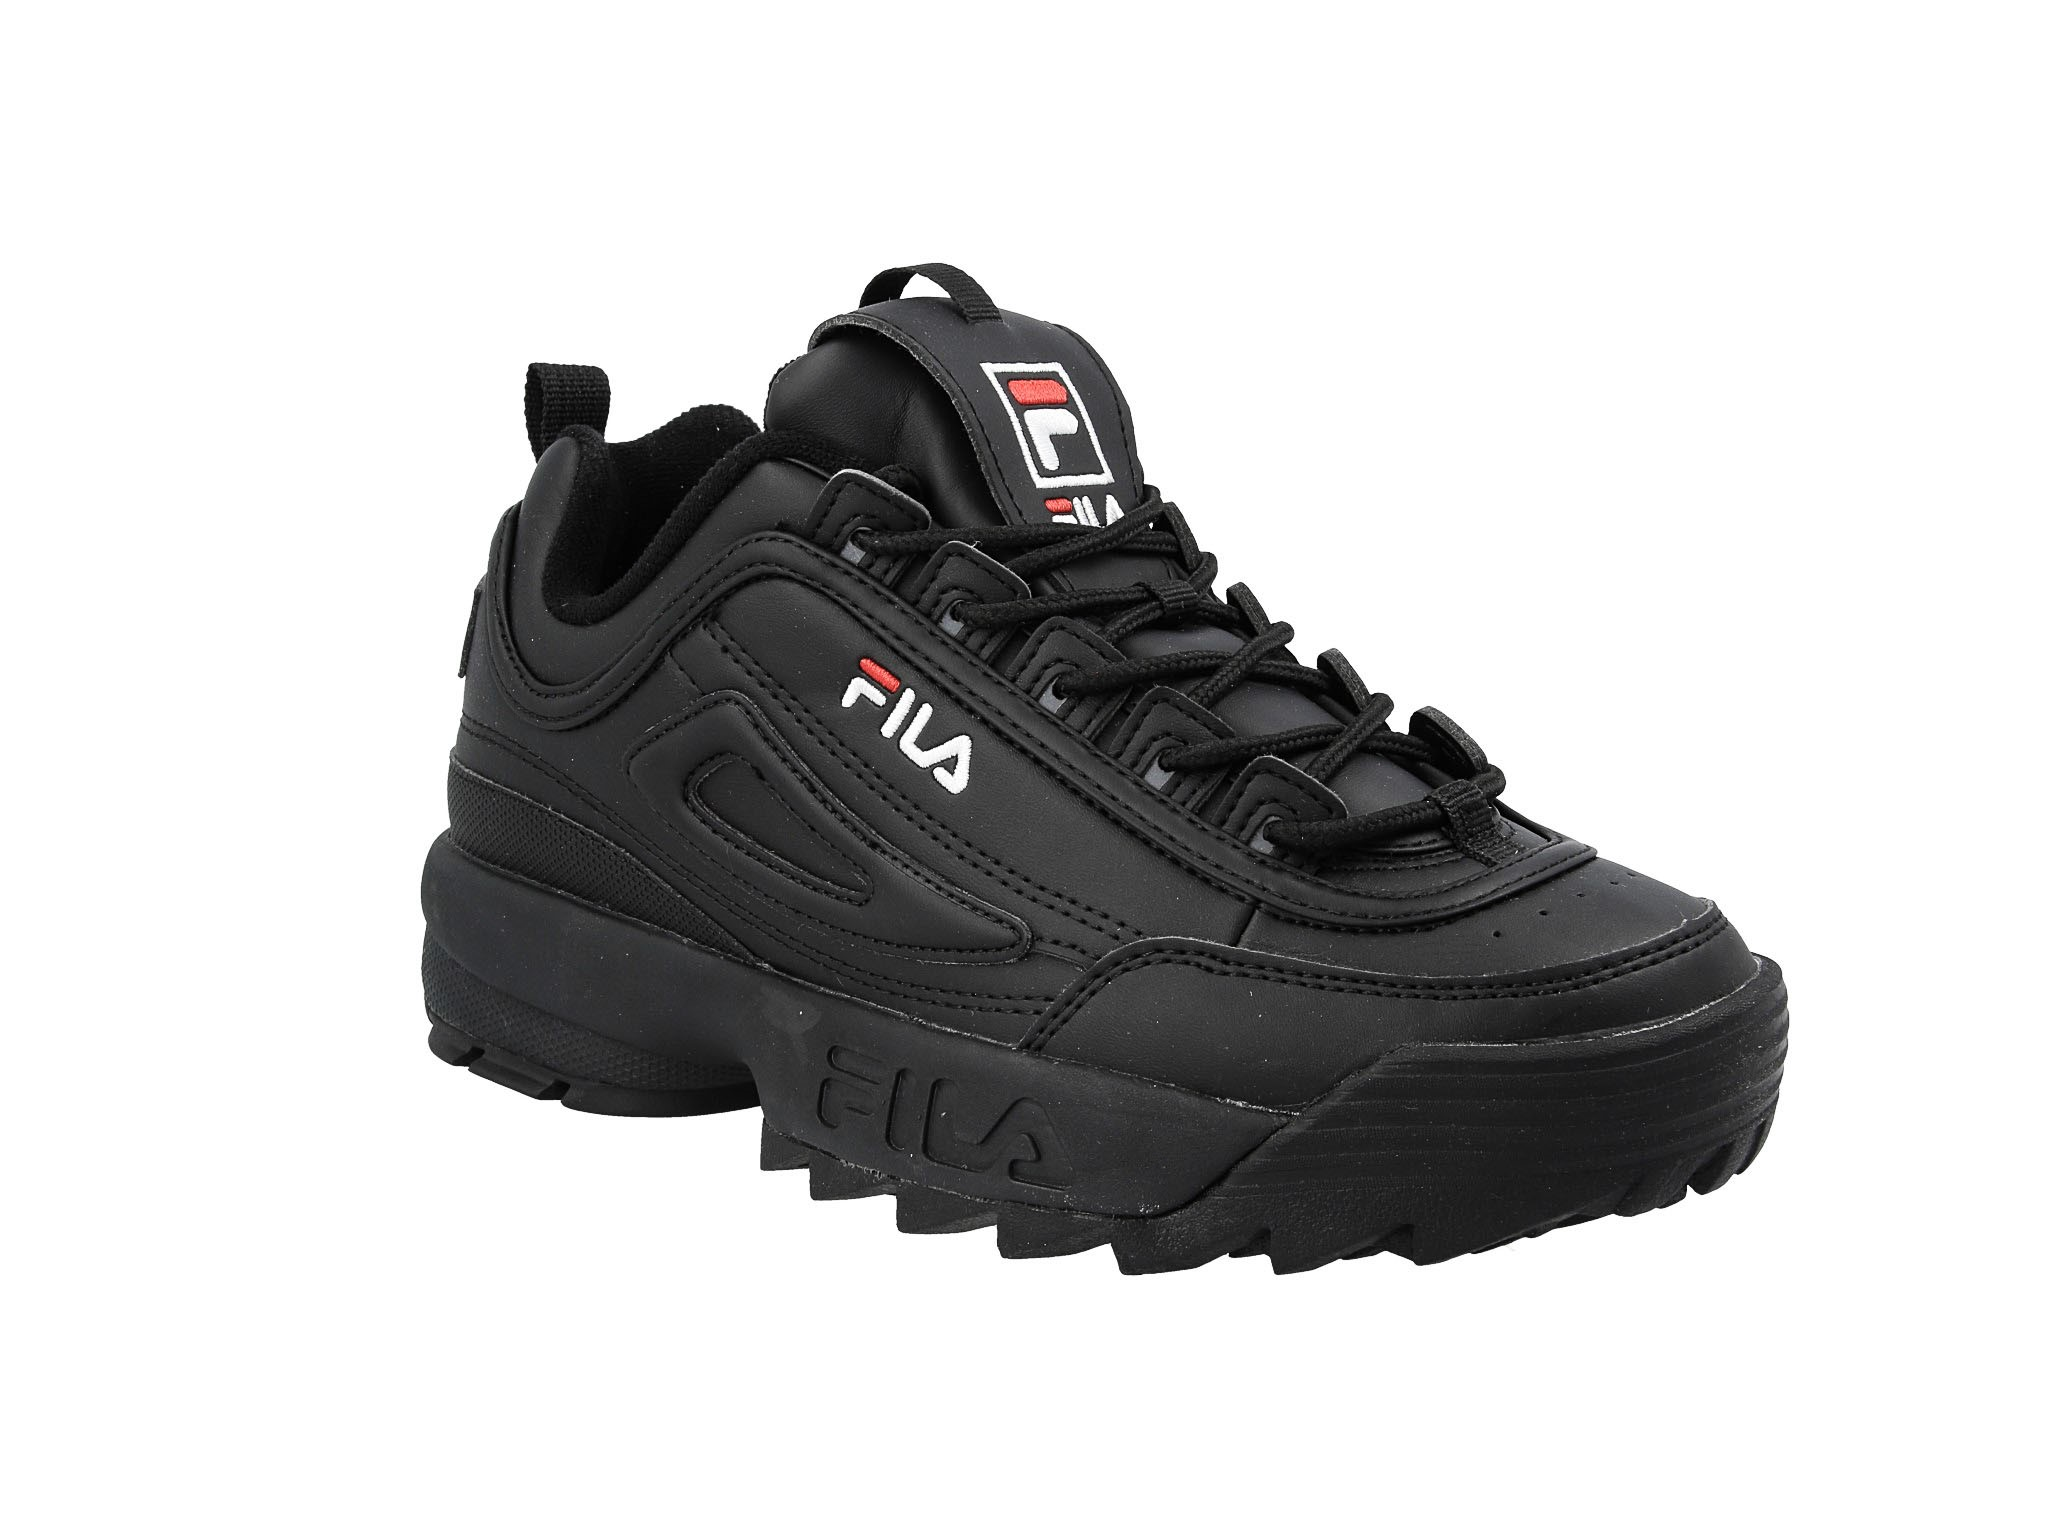 Sneakersy FILA Disruptor Low 1010262.12V BlackBlack